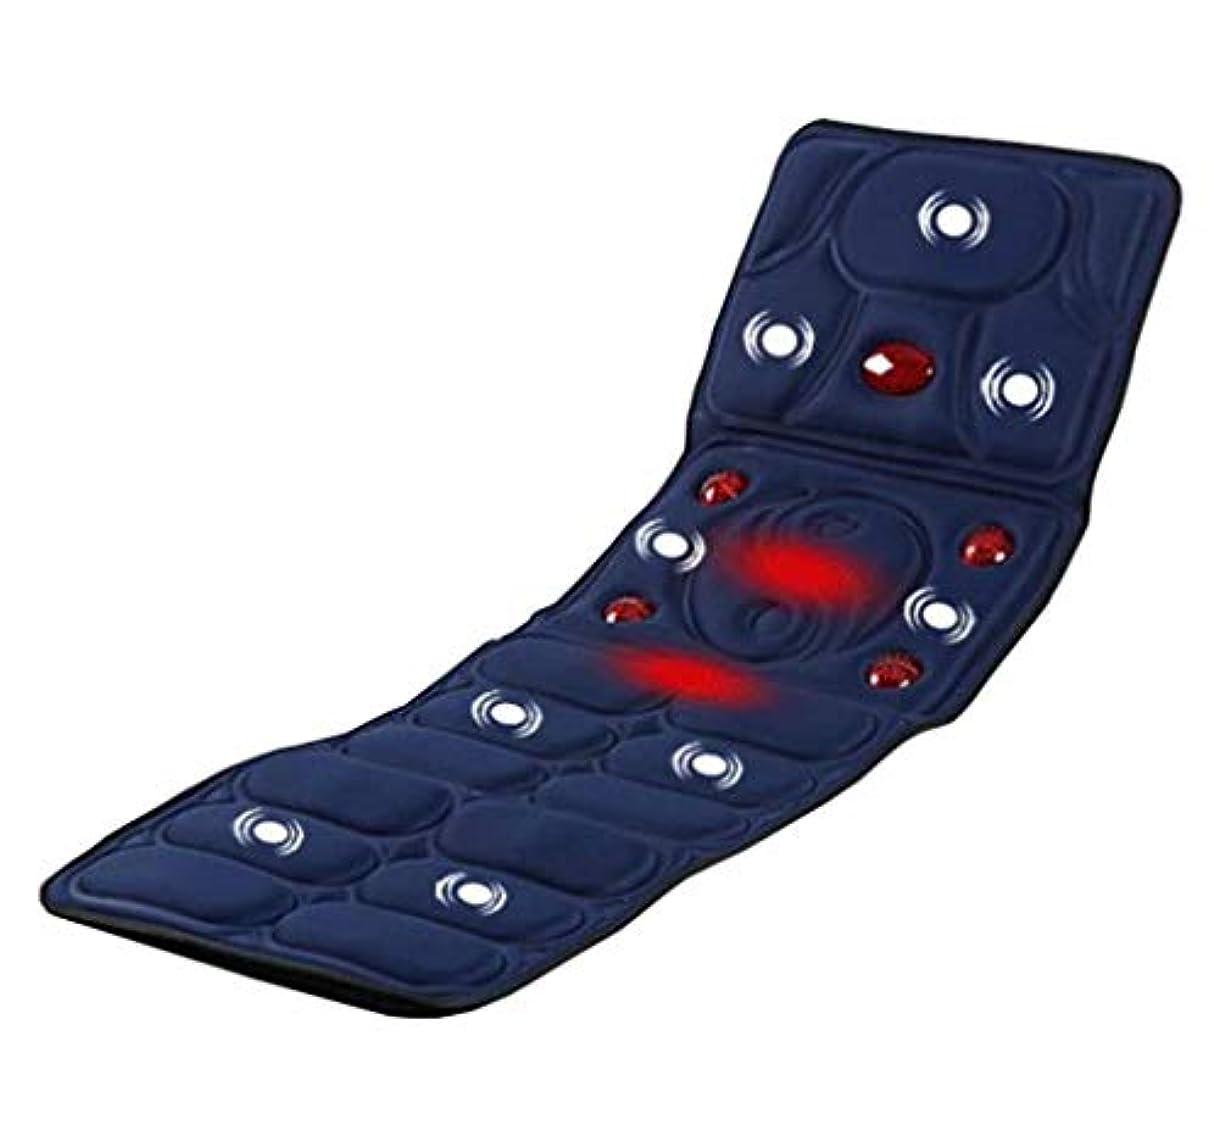 マージン振動するブロックするマッサージマットレス多機能電気暖房マッサージ毛布全身マッサージシートクッション頸椎背部医療ヘルスケアマッサージ機器,ブルー